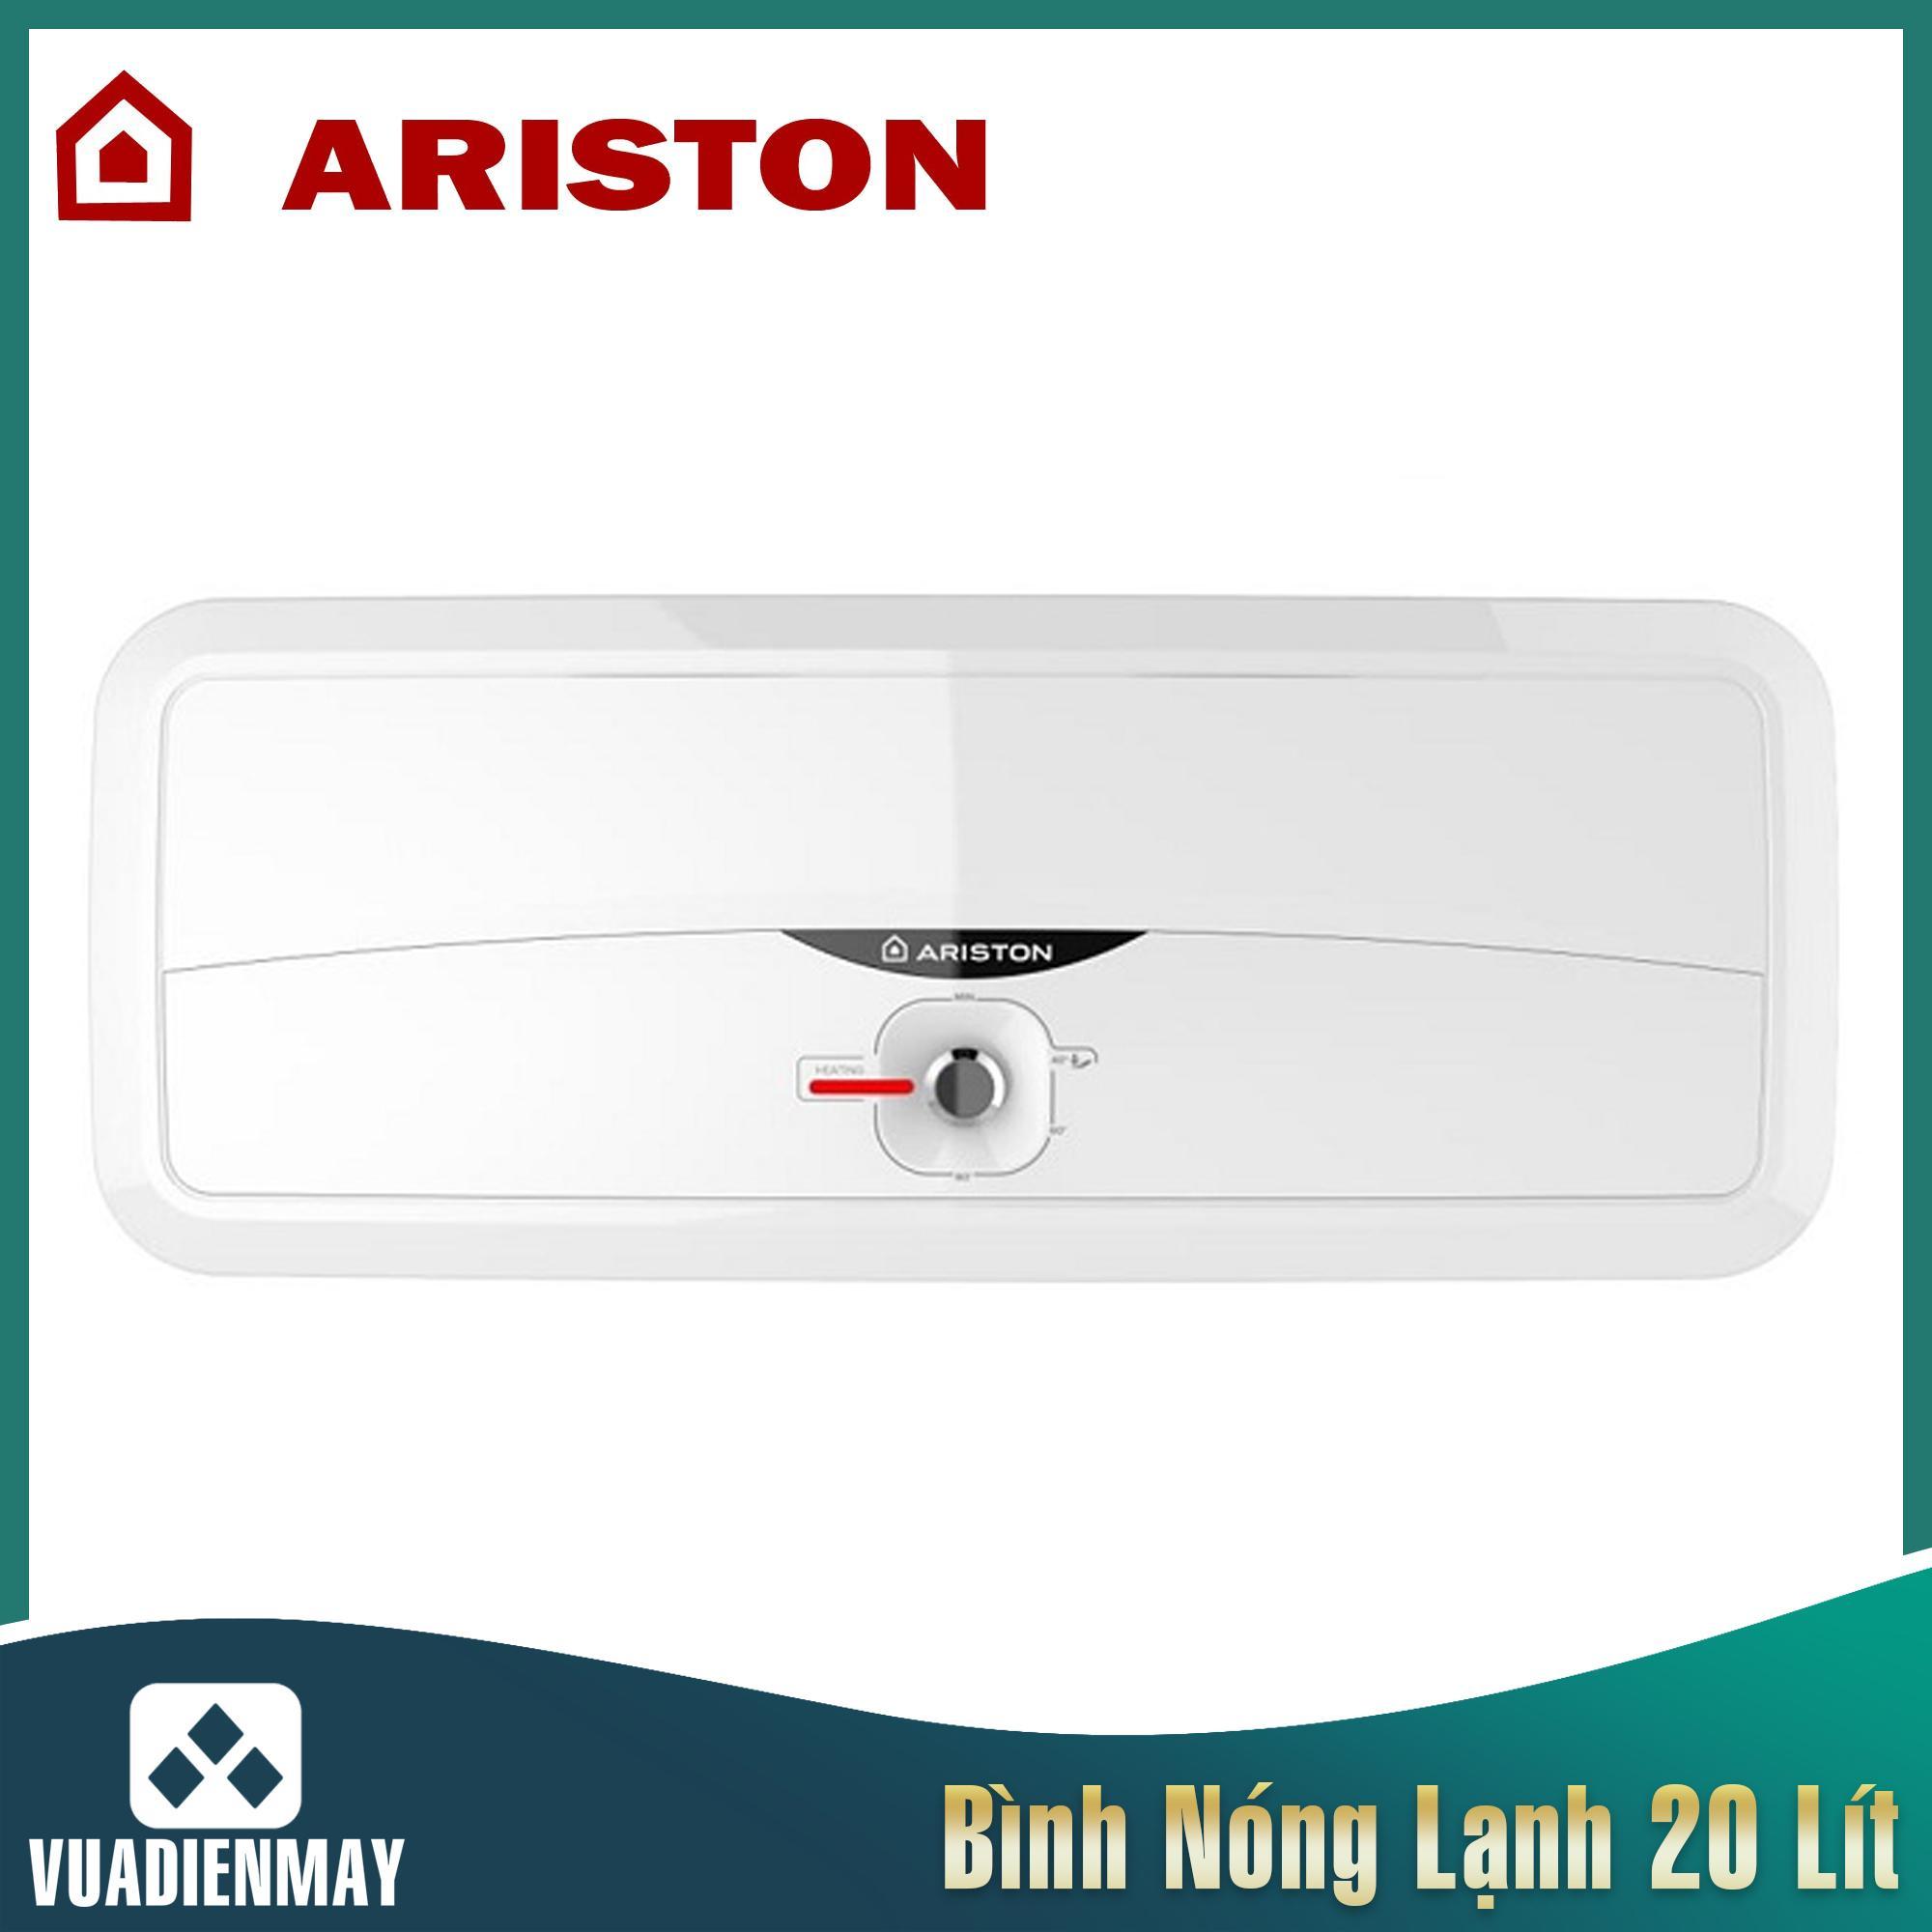 Bình nóng lạnh Ariston 20 lít